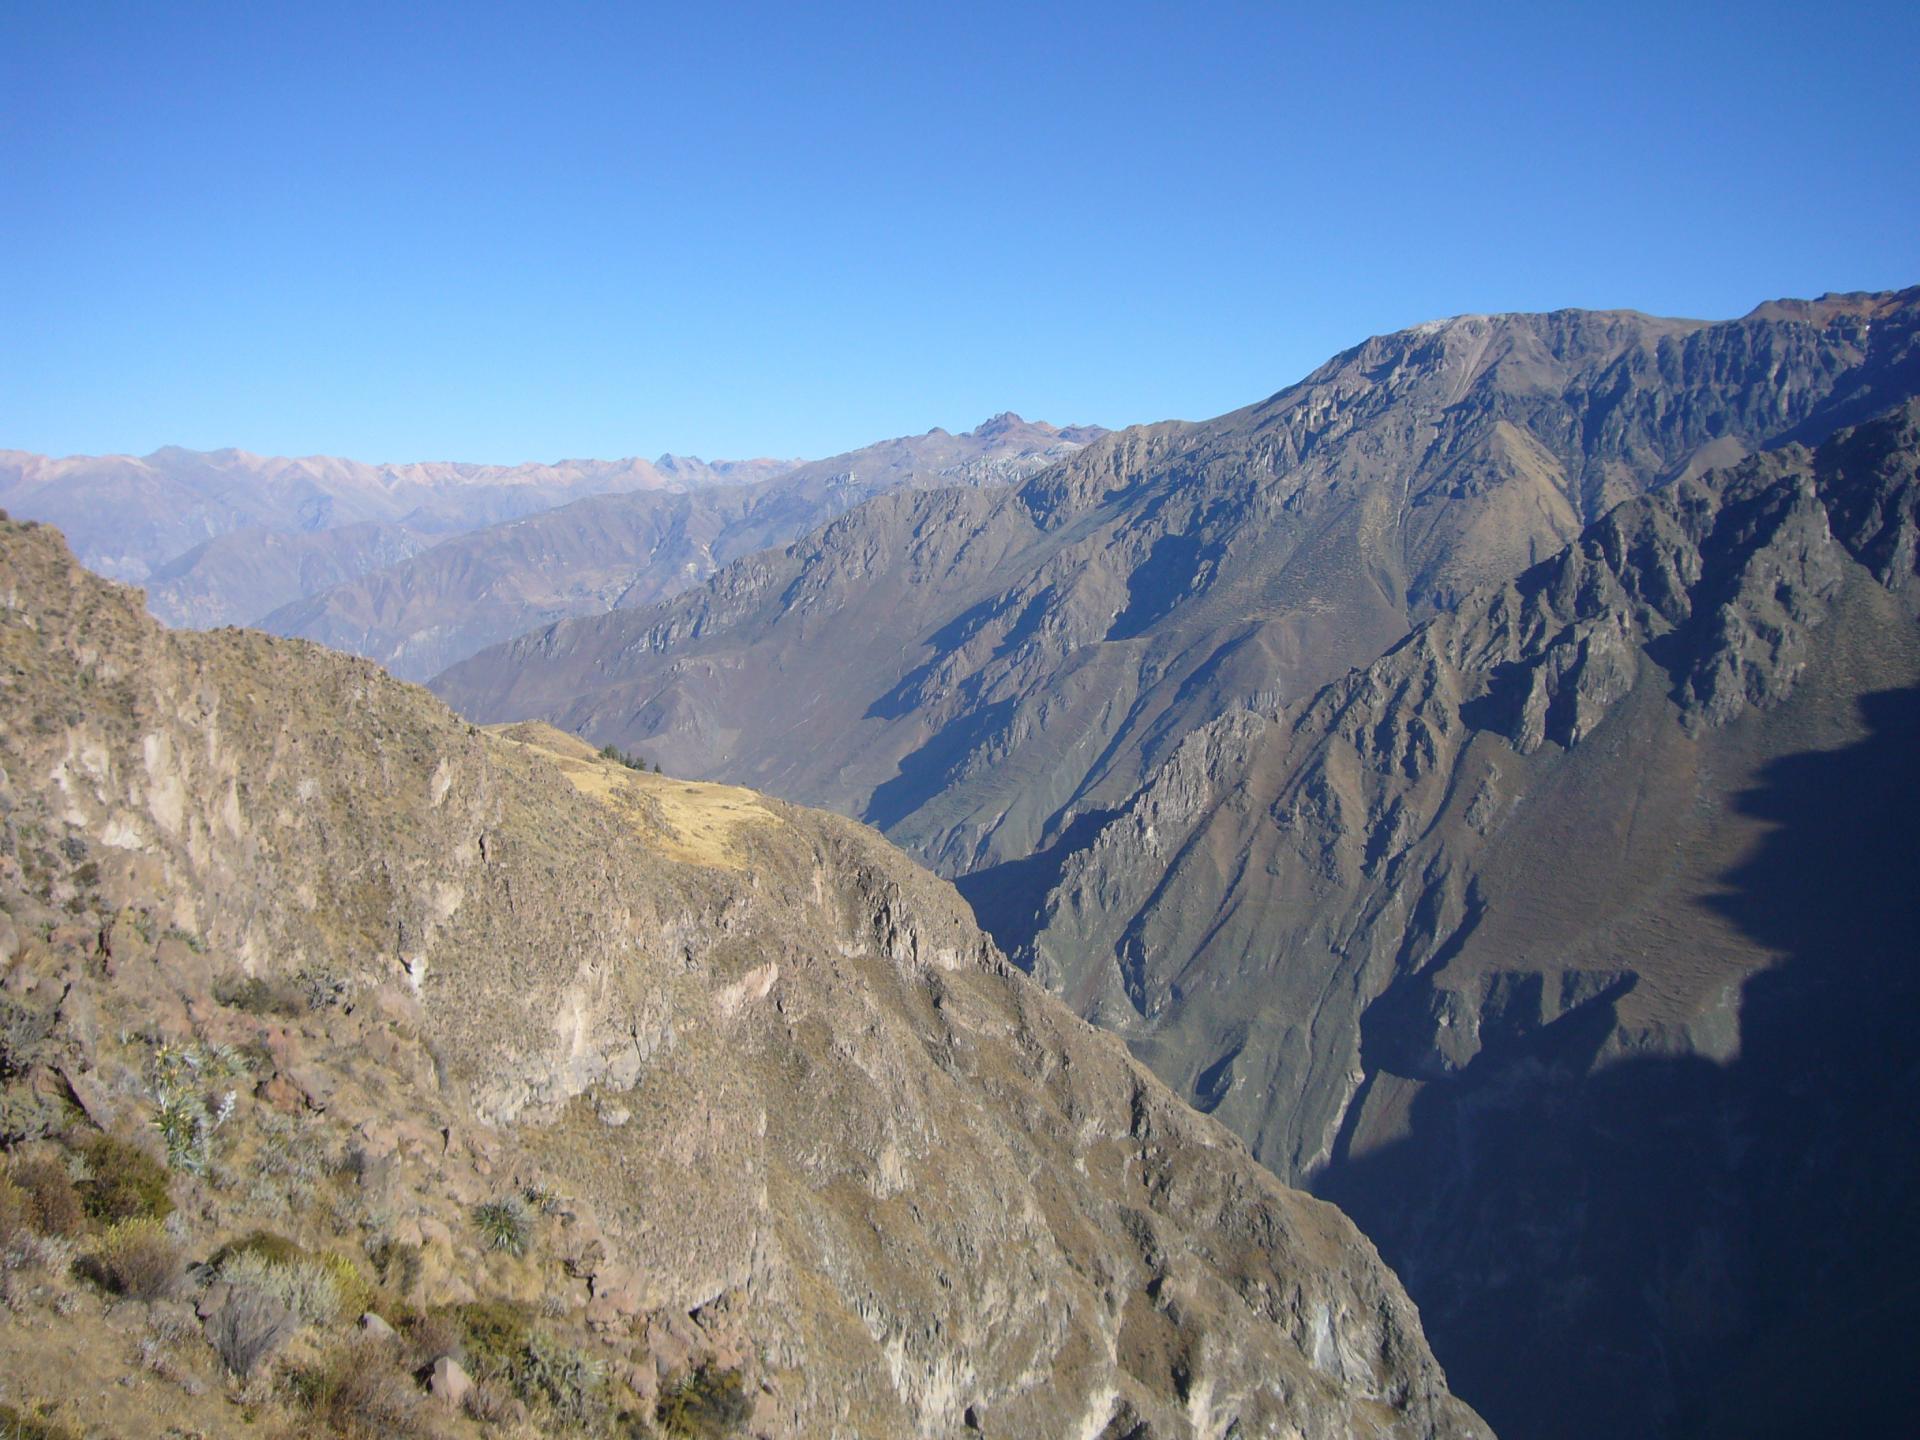 Reisen Sie mit uns in die Anden Perus und entdecken Sie alte Kulturen auf einer Rundreise